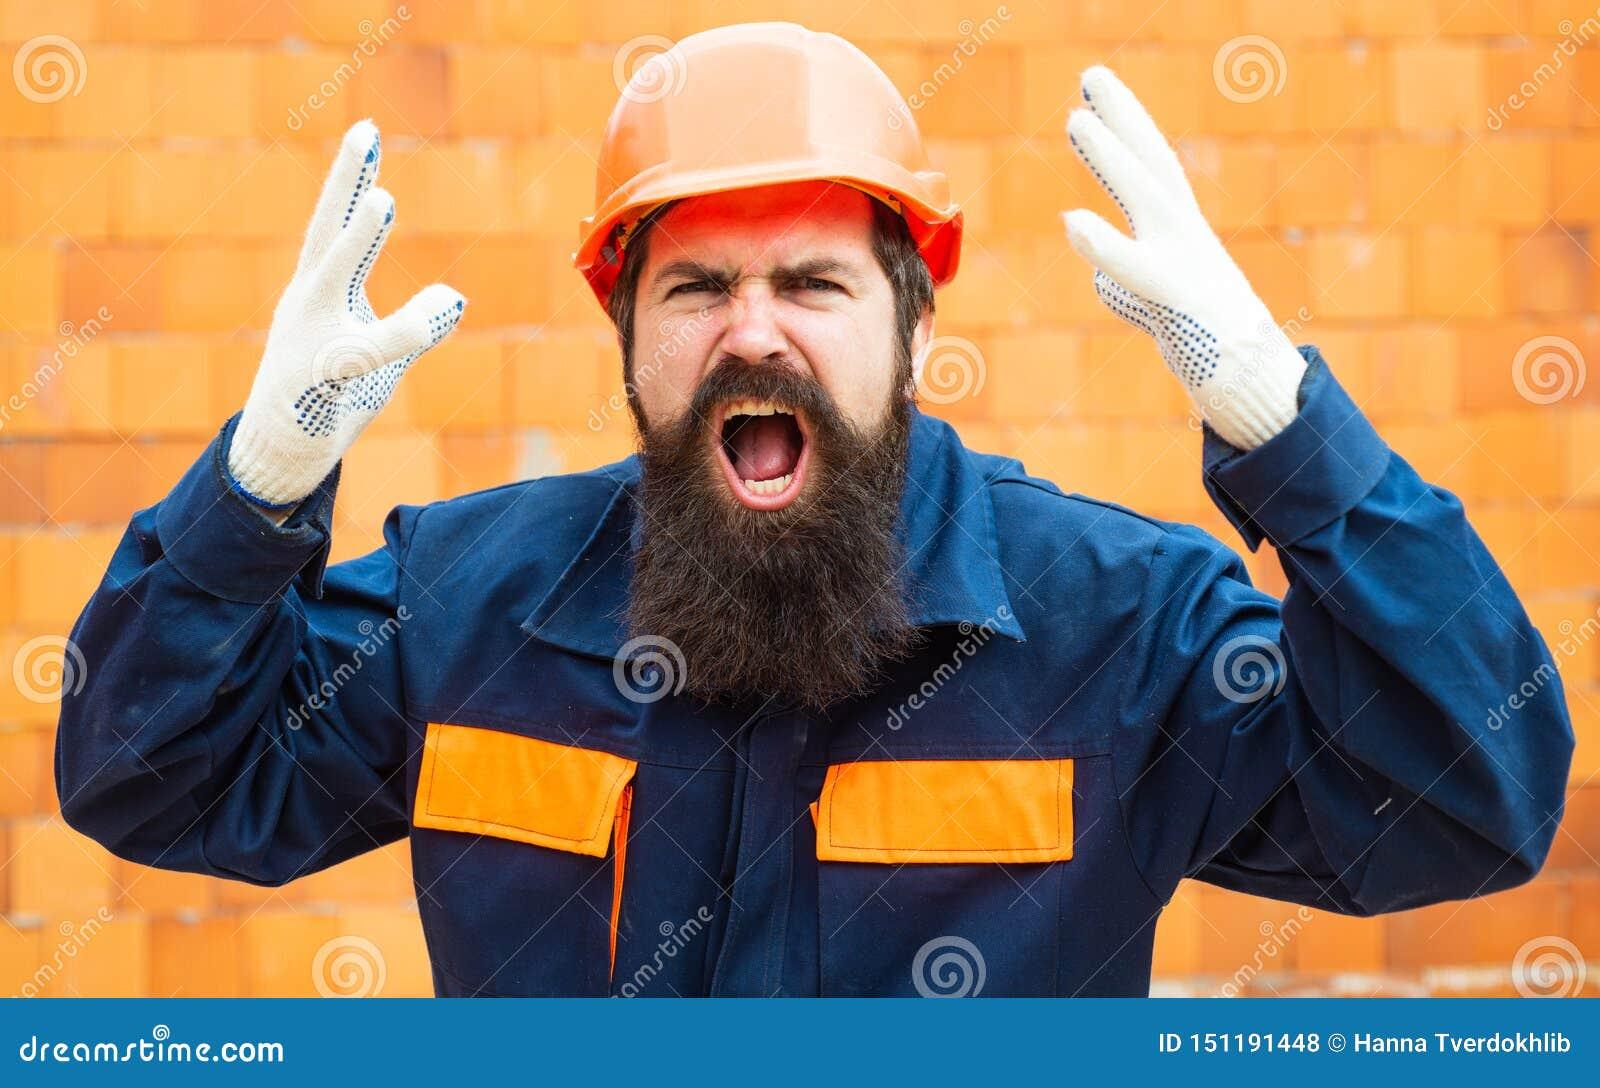 Сердитый построитель Случай на строительной площадке Правила техники безопасности для построителей Бородатый человек в шлеме на к